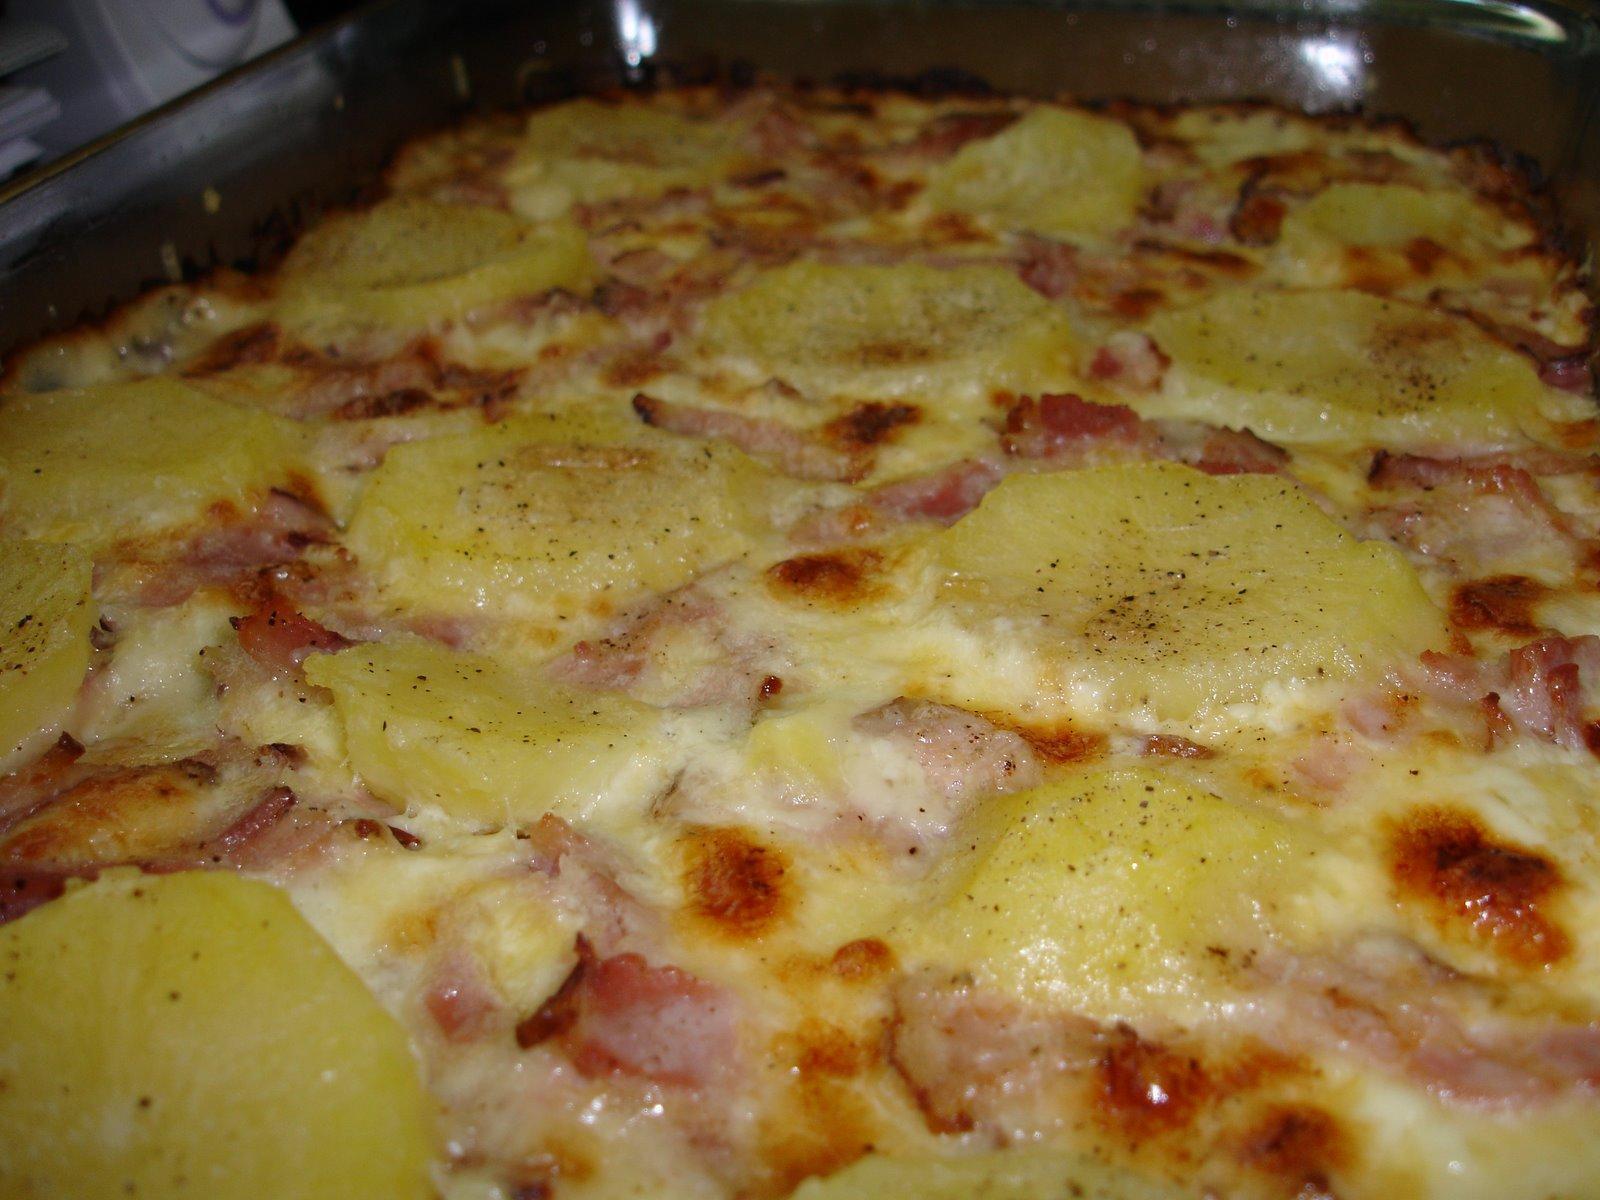 σουφλέ πατάτας με μπέικον και κρέμα γάλακτος,που μπορεί να μπει στην κατάψυξη